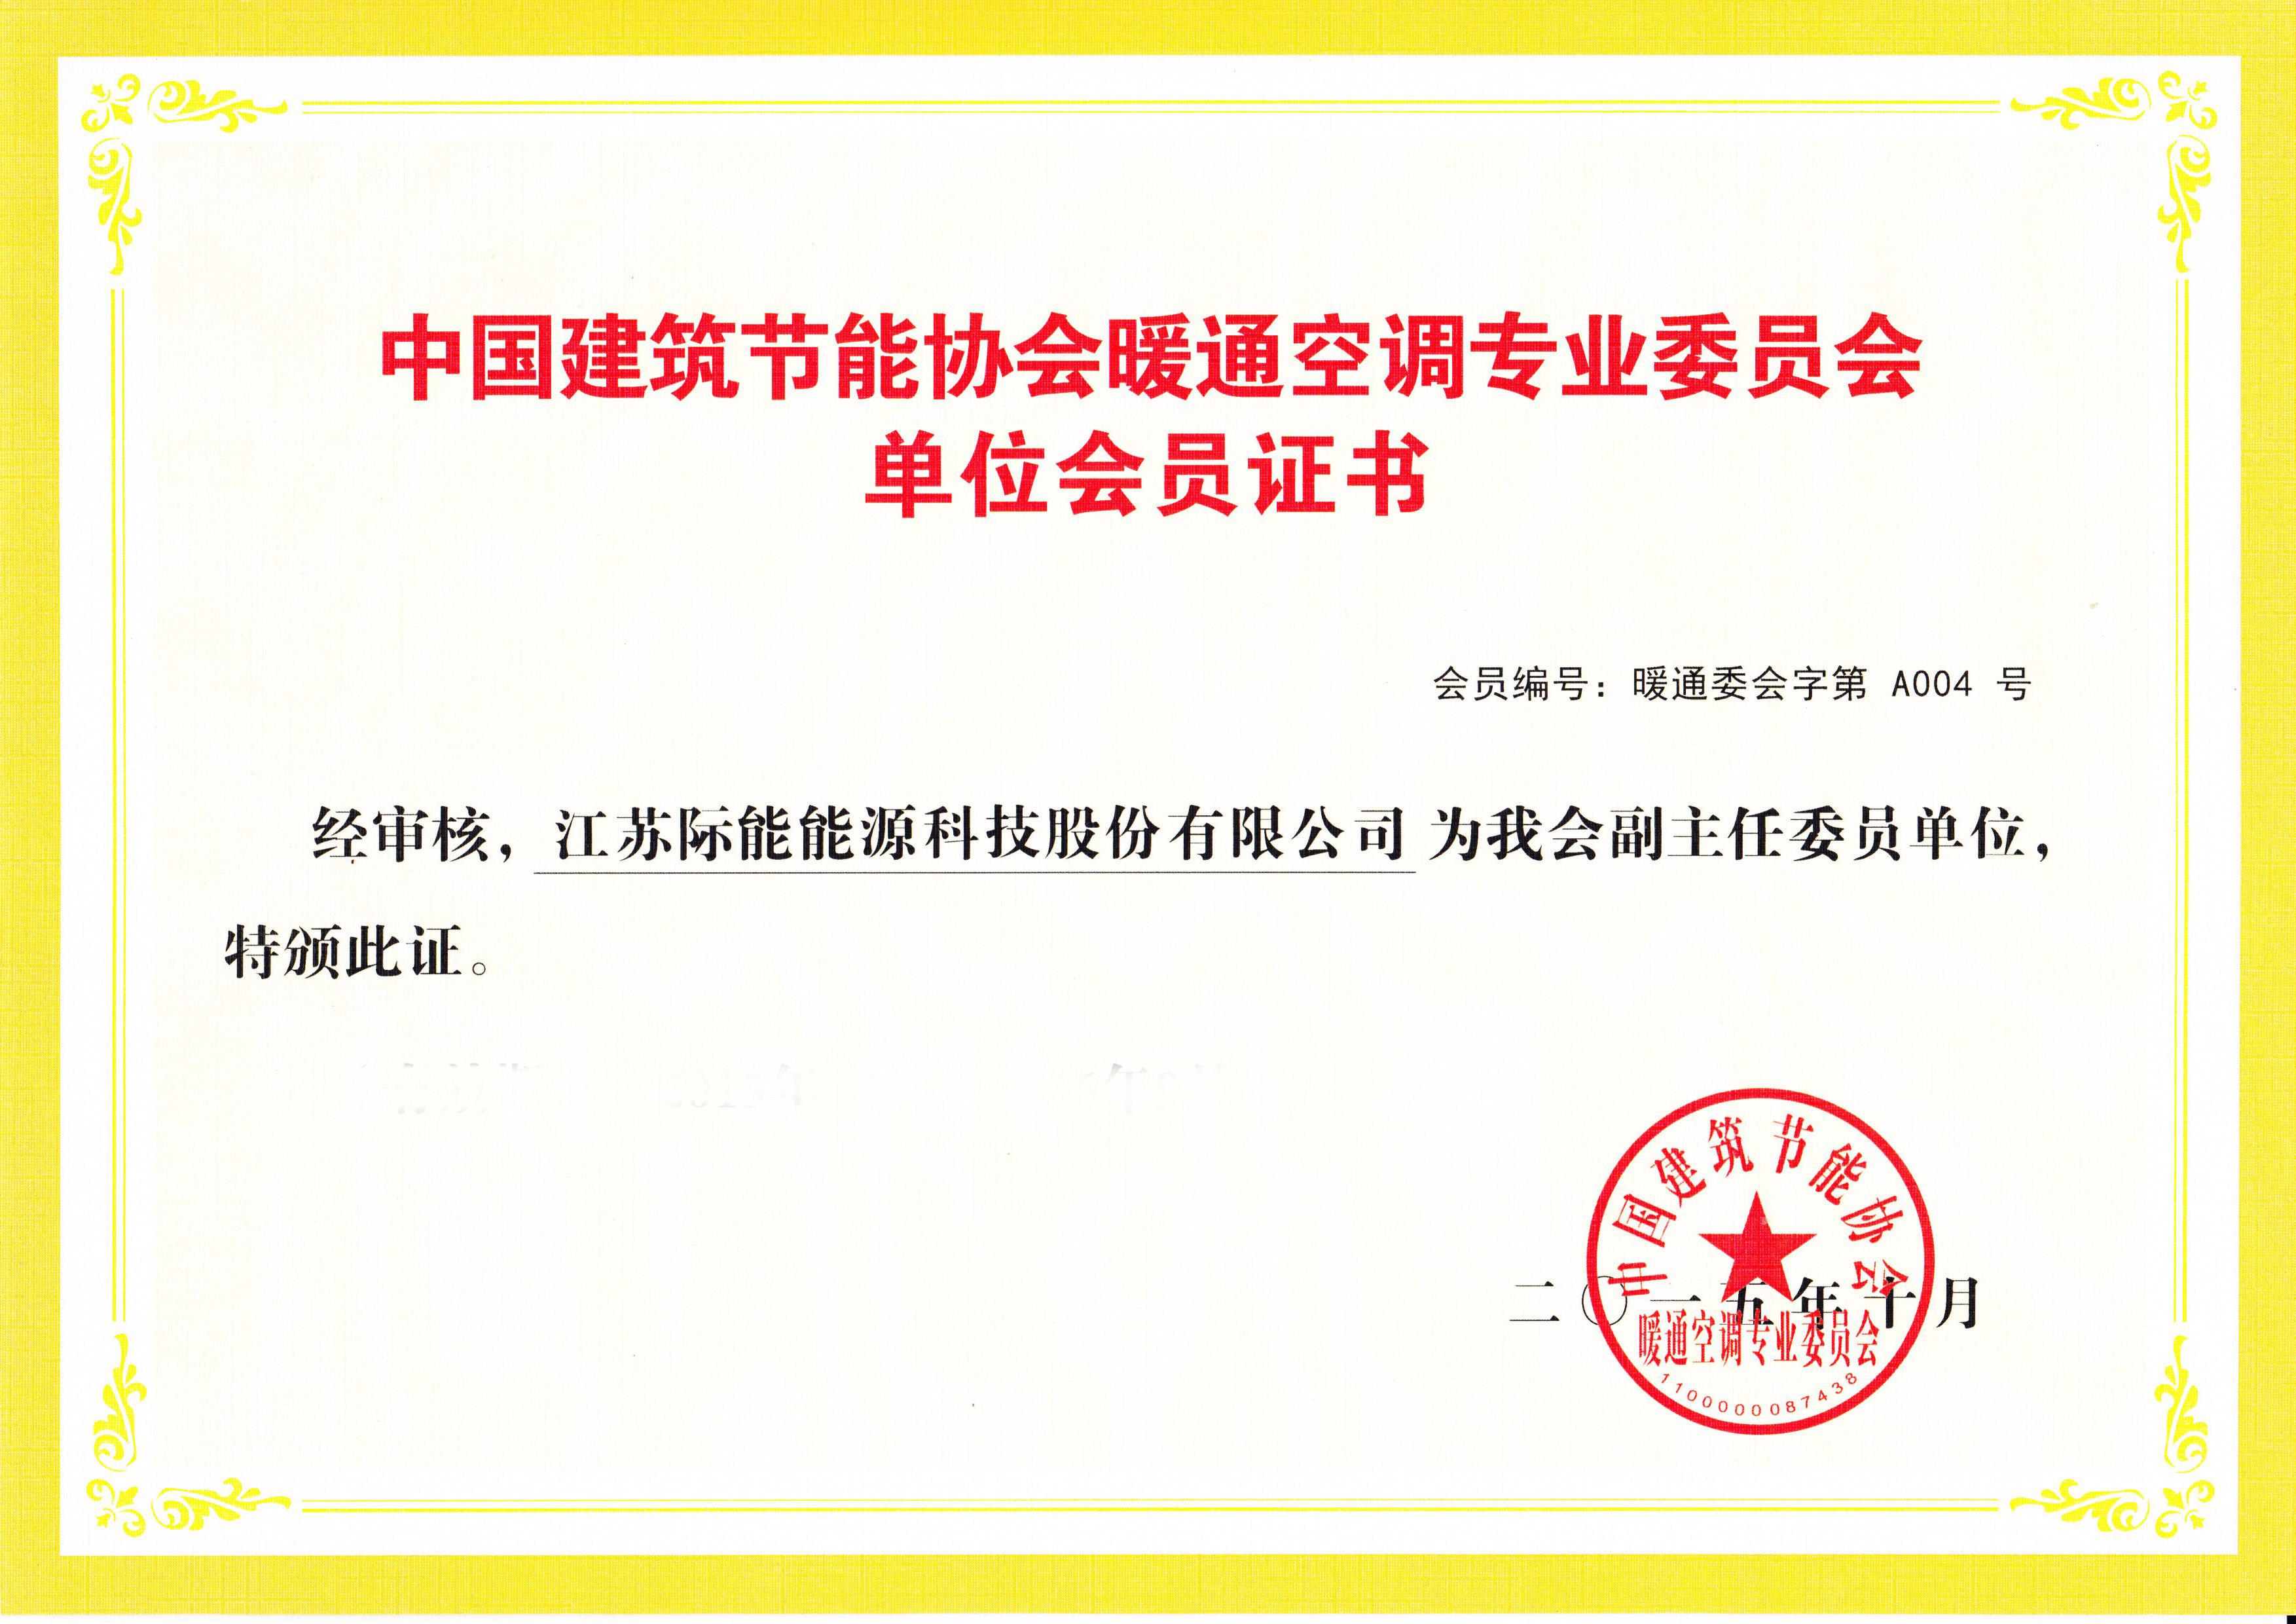 中国建筑节能协会暖通空调专业委员会副主任委员单位